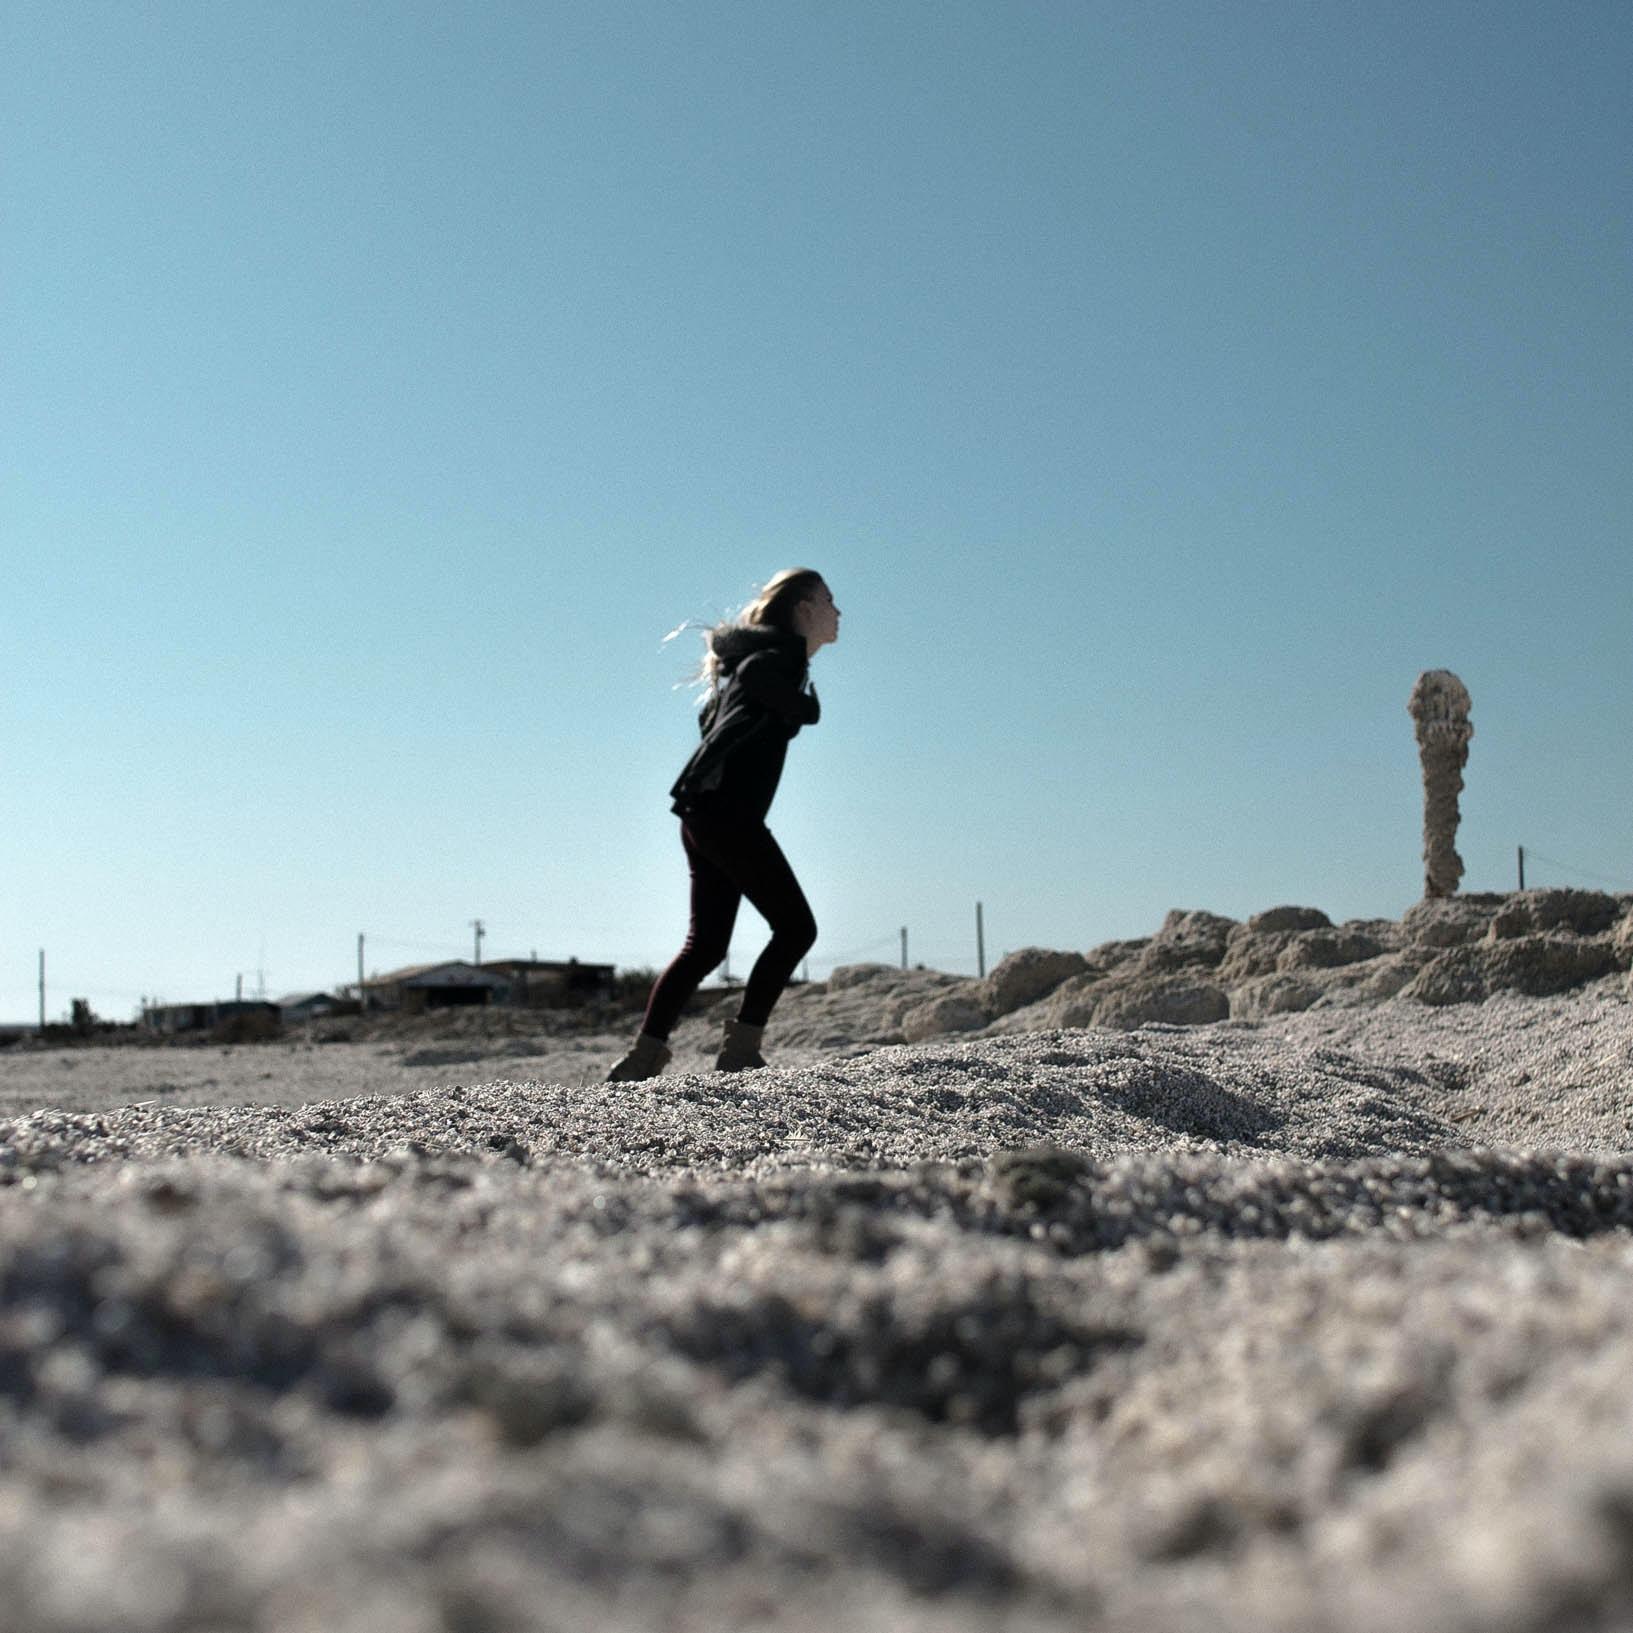 woman jogging on field